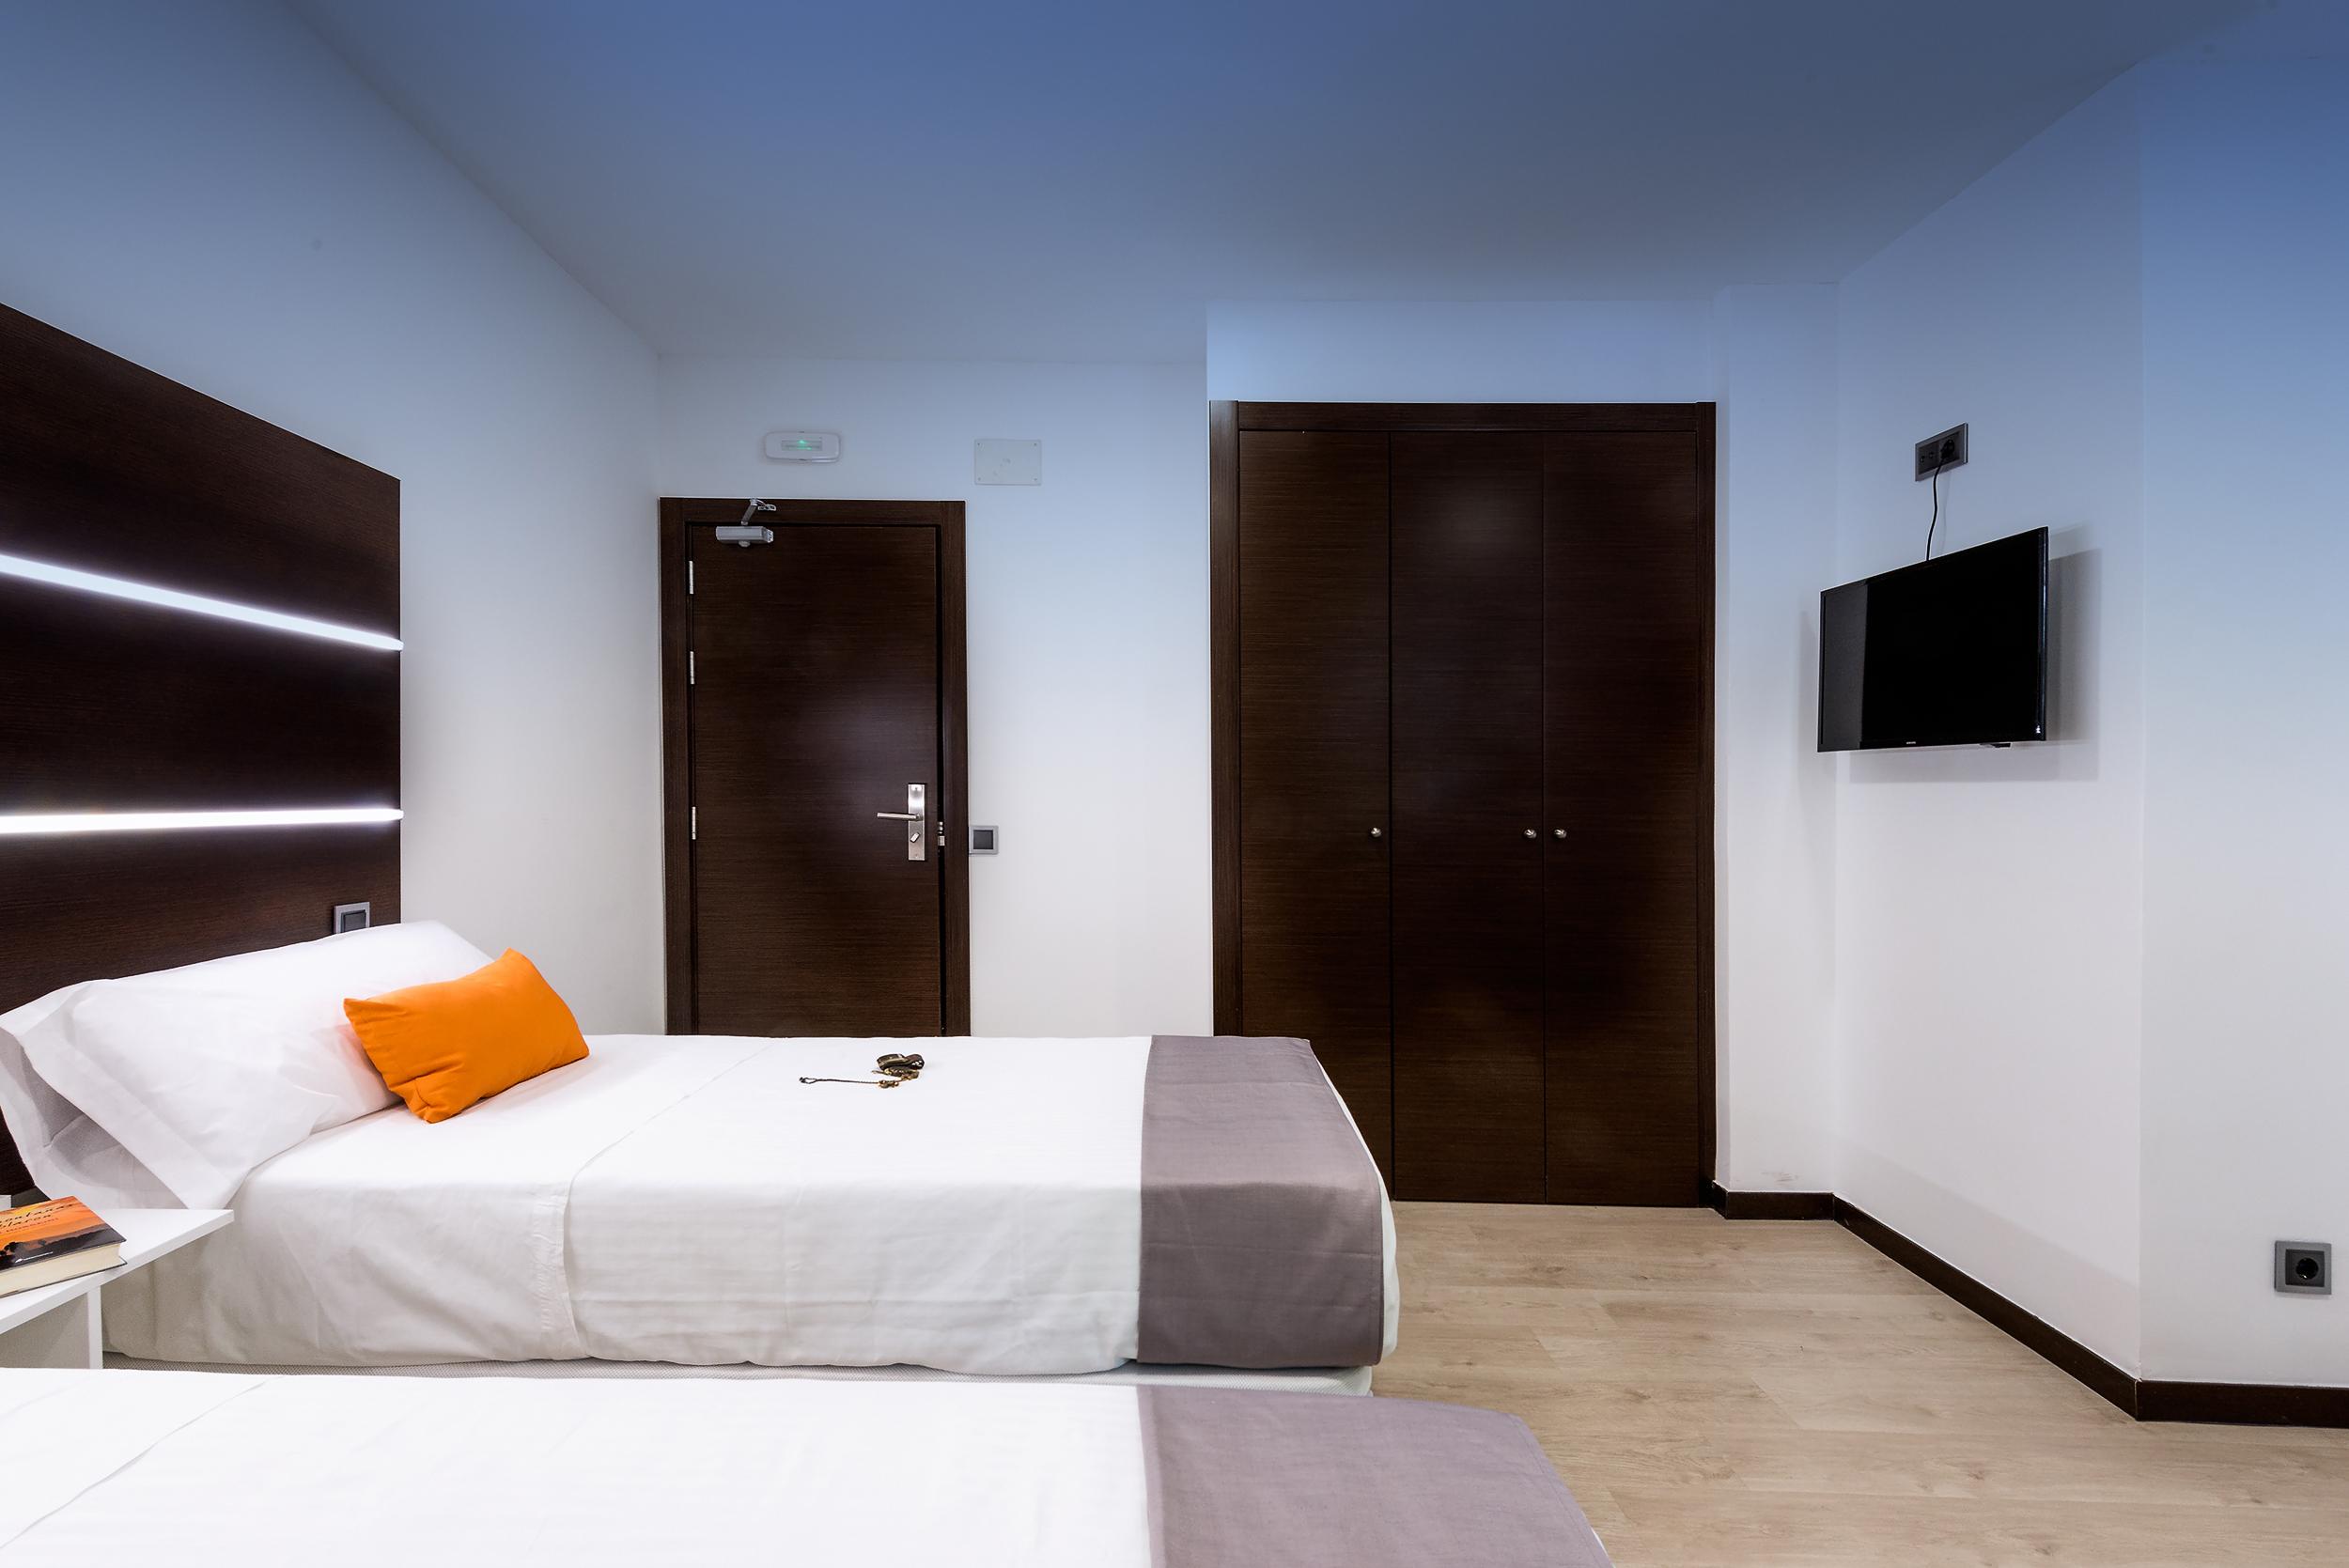 HOSTAL habitación doble1 sin balcon (minusválidos)